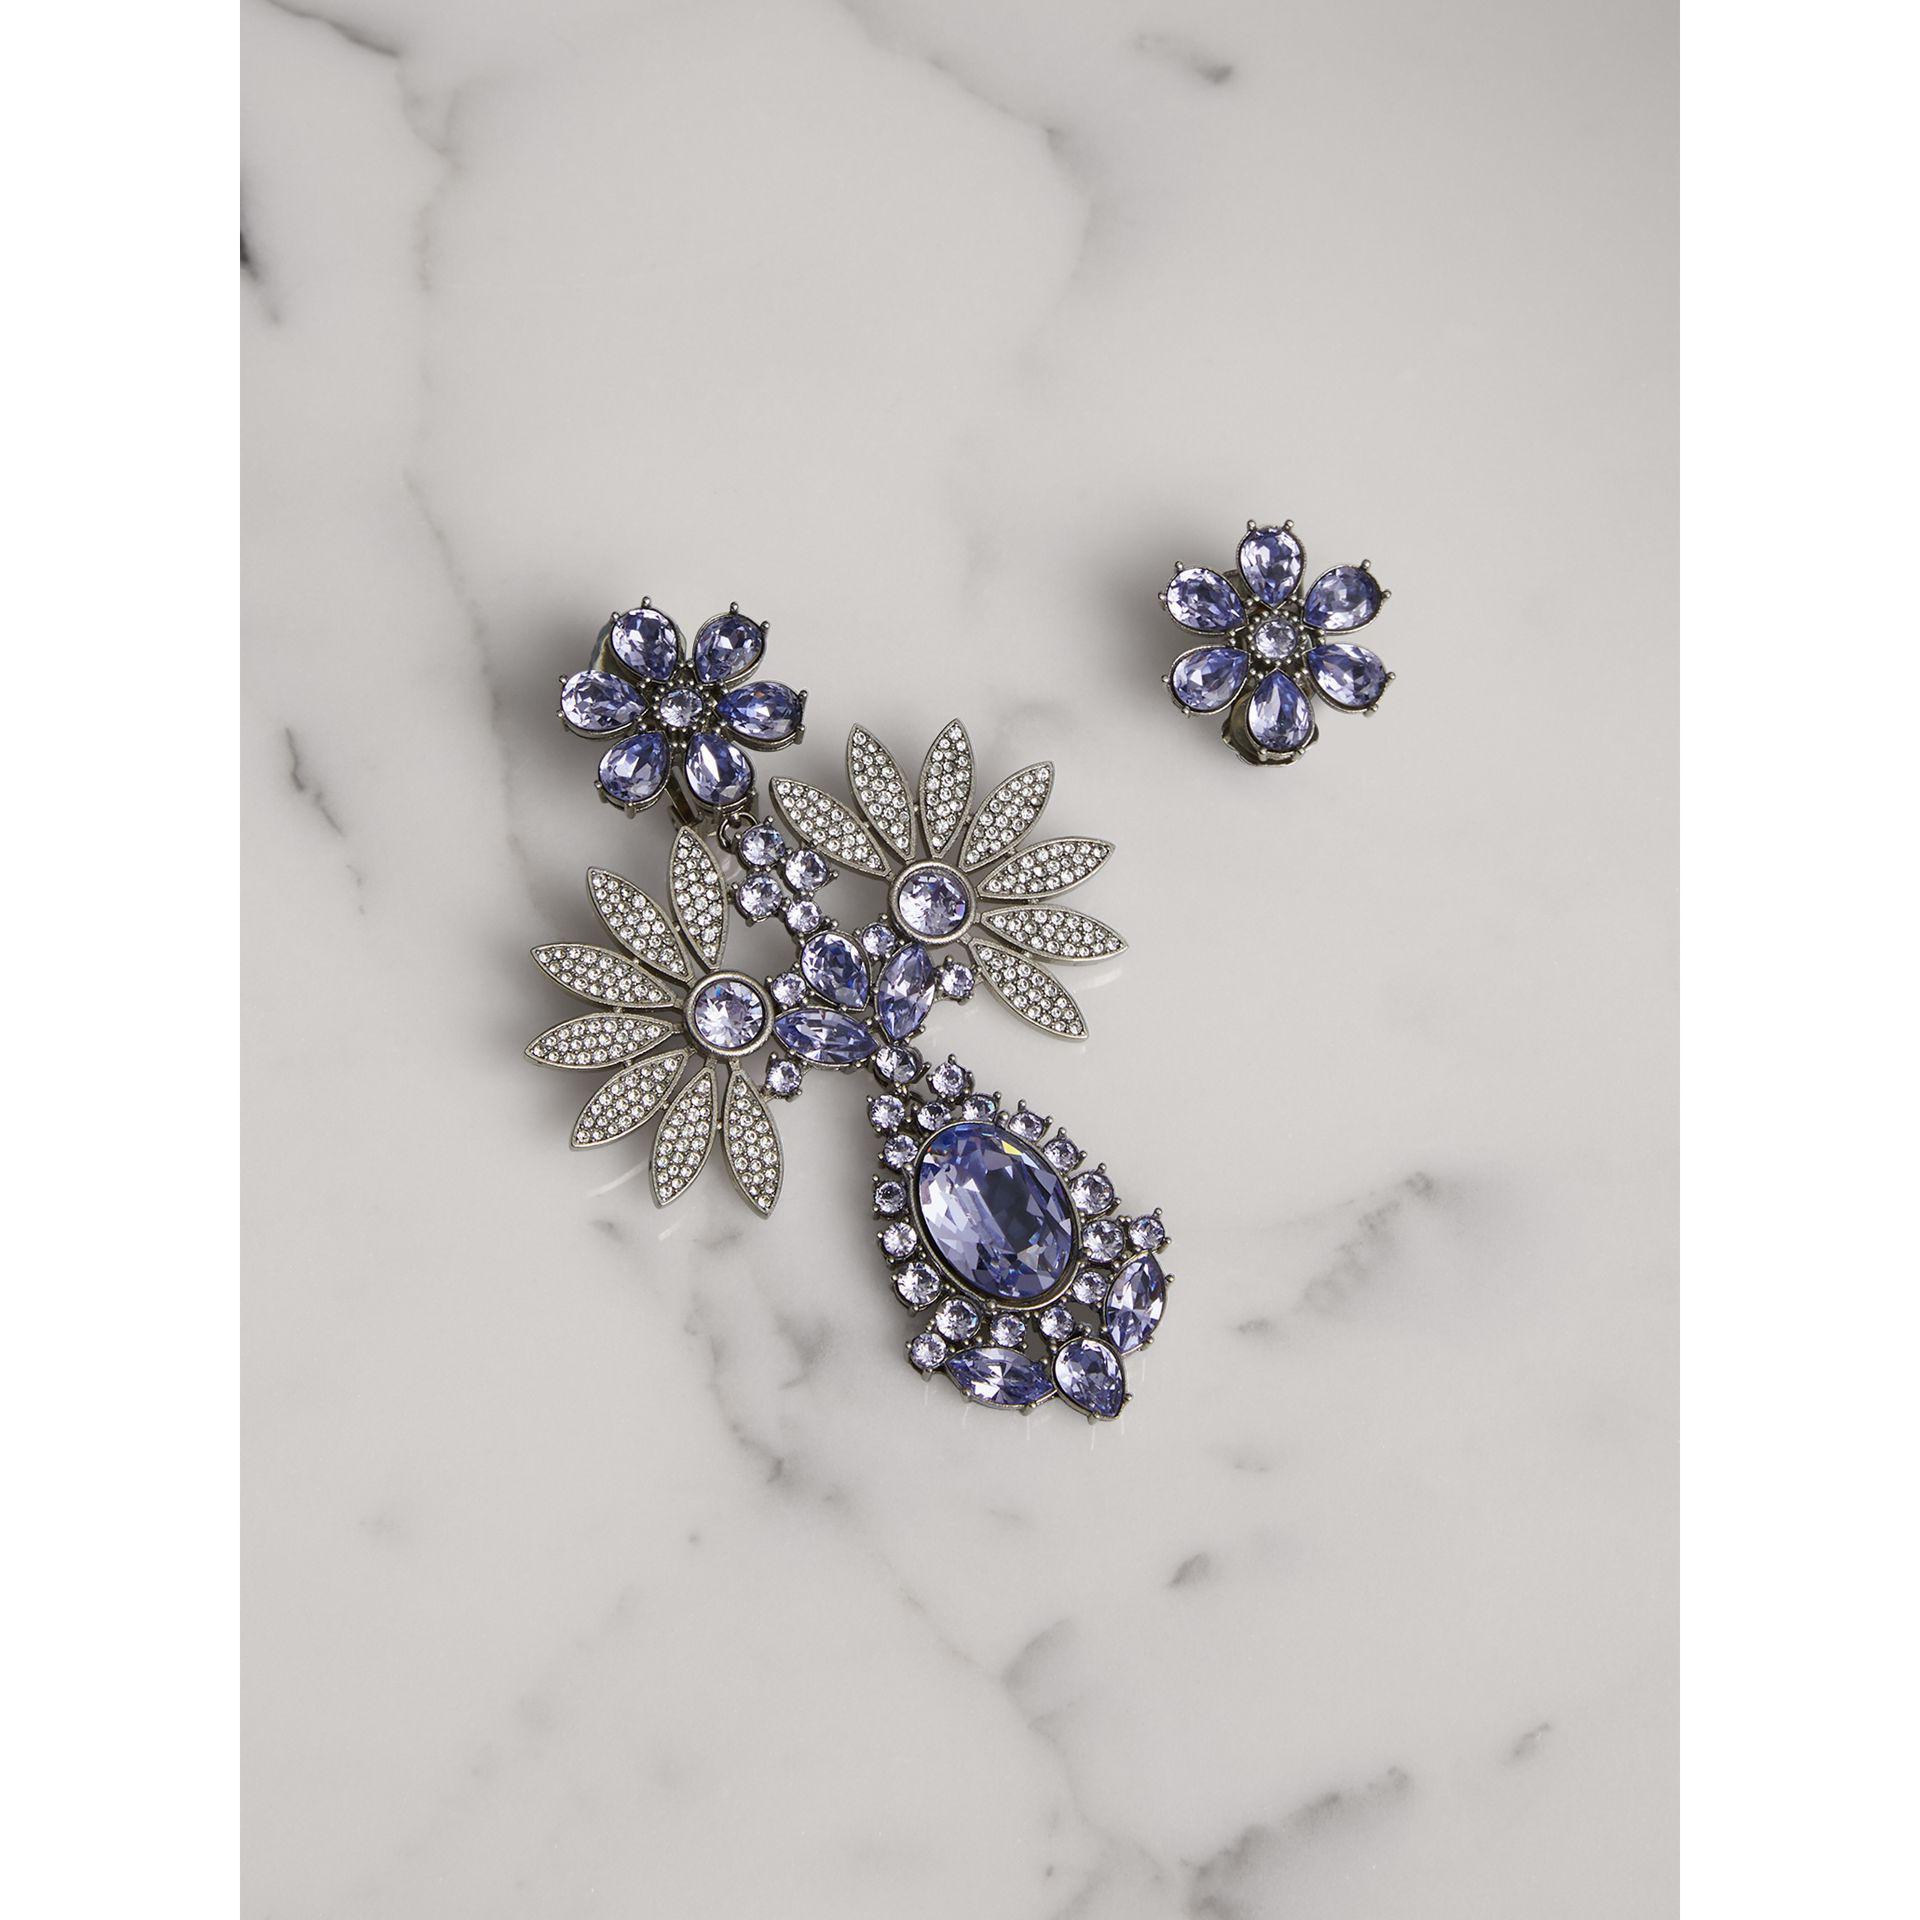 Burberry Sphere drop earrings eycu8r